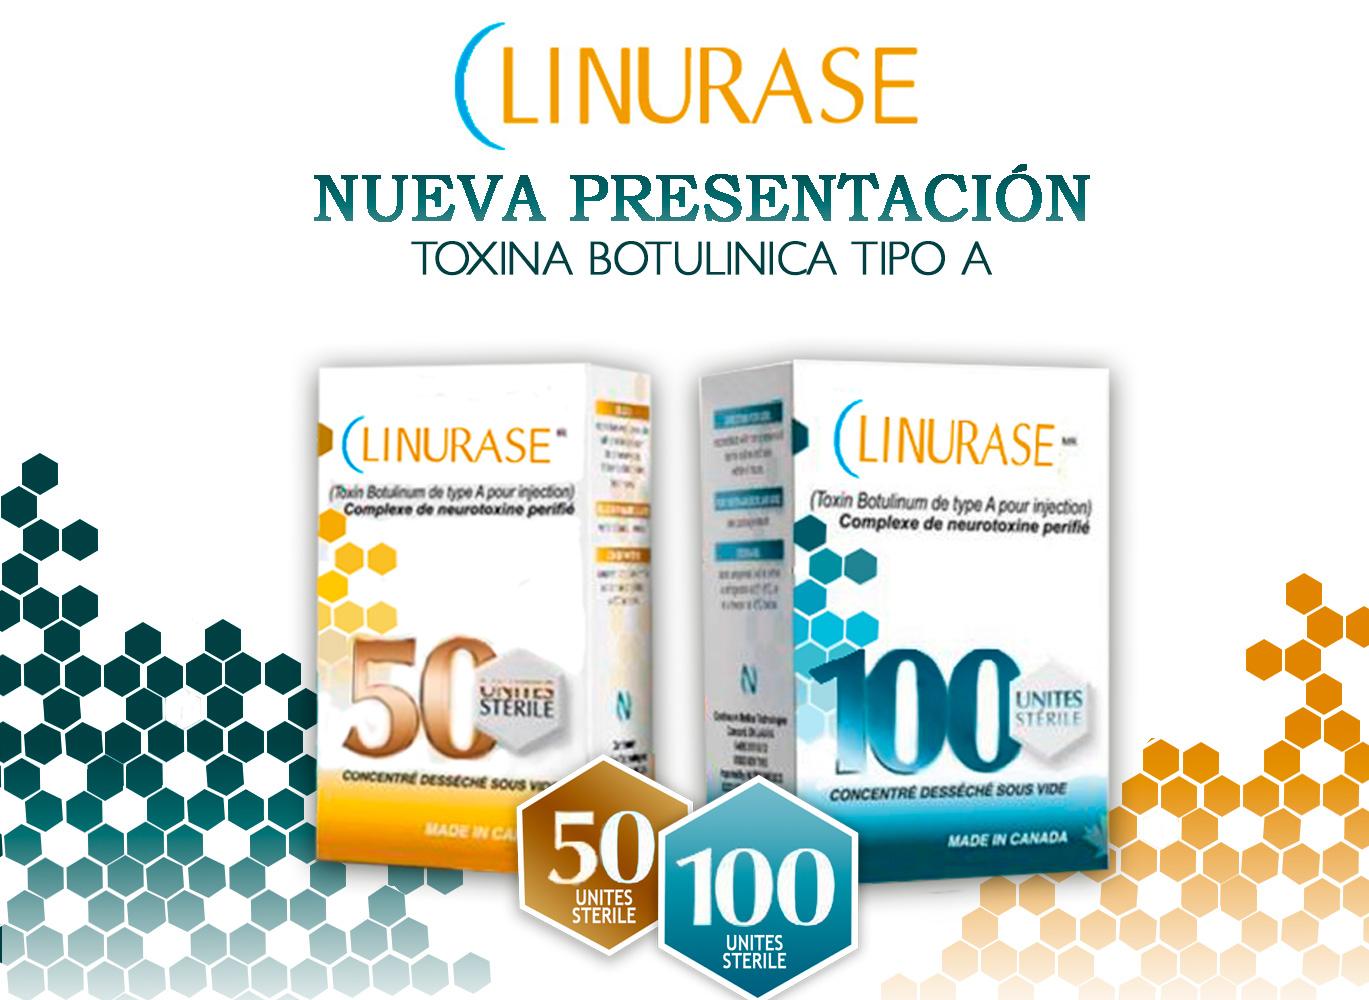 Linurase by Omniflex